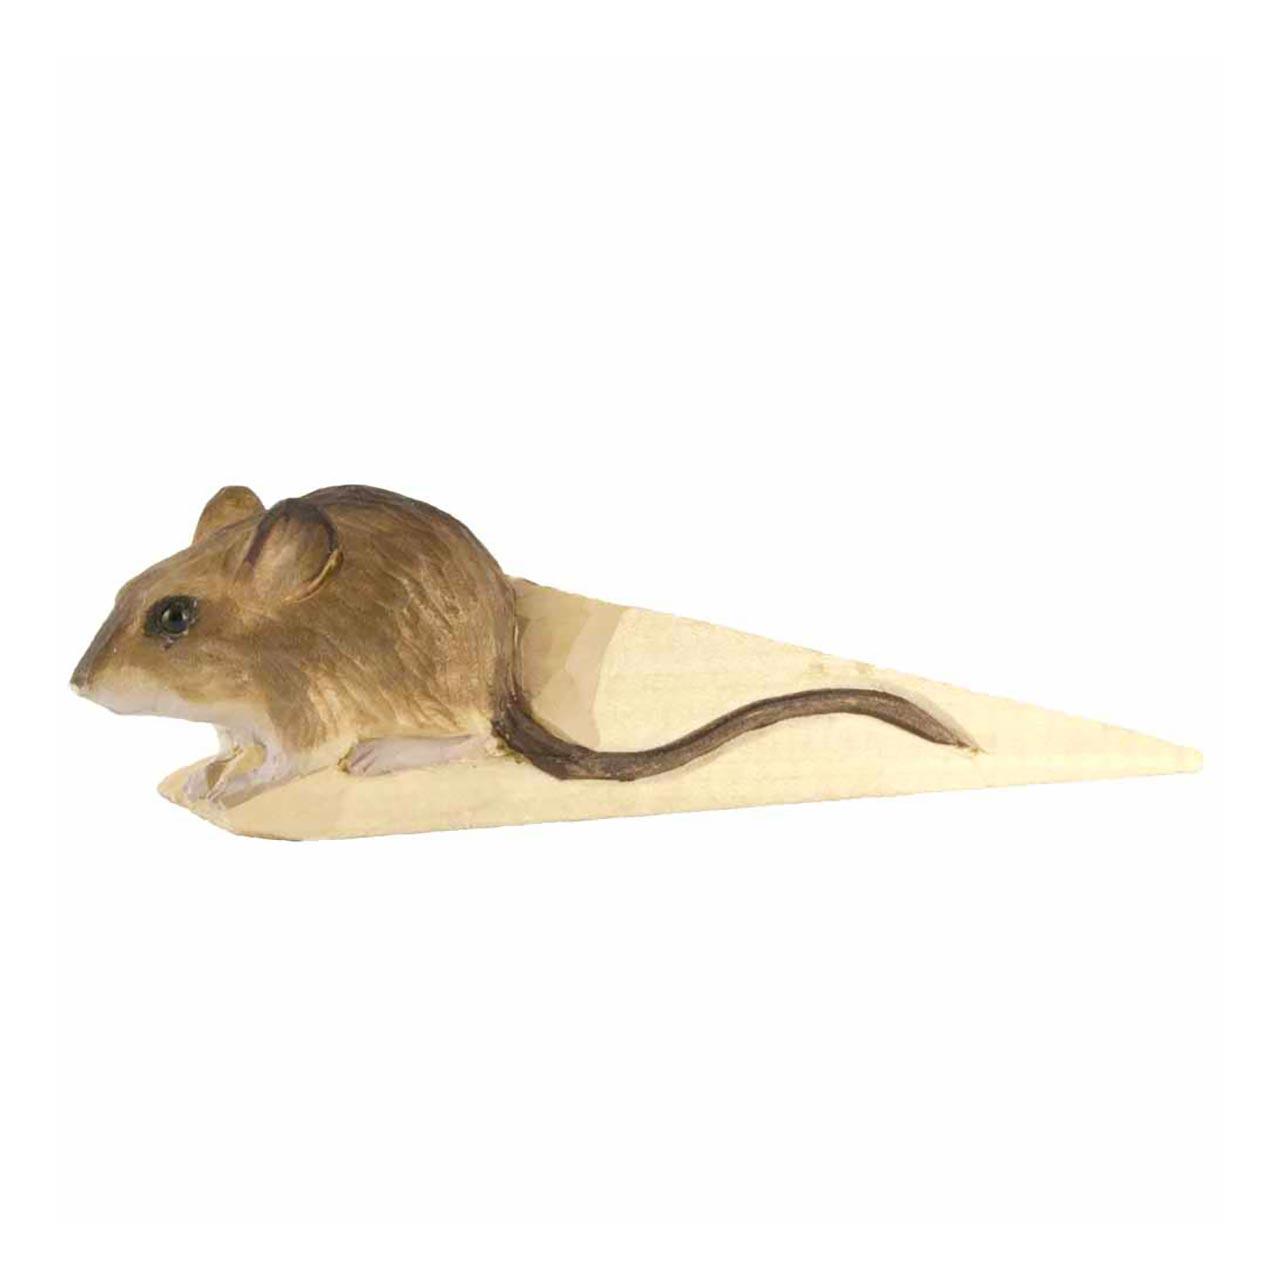 WILDLIFE GARDEN Doorstop Mouse | the design gift shop